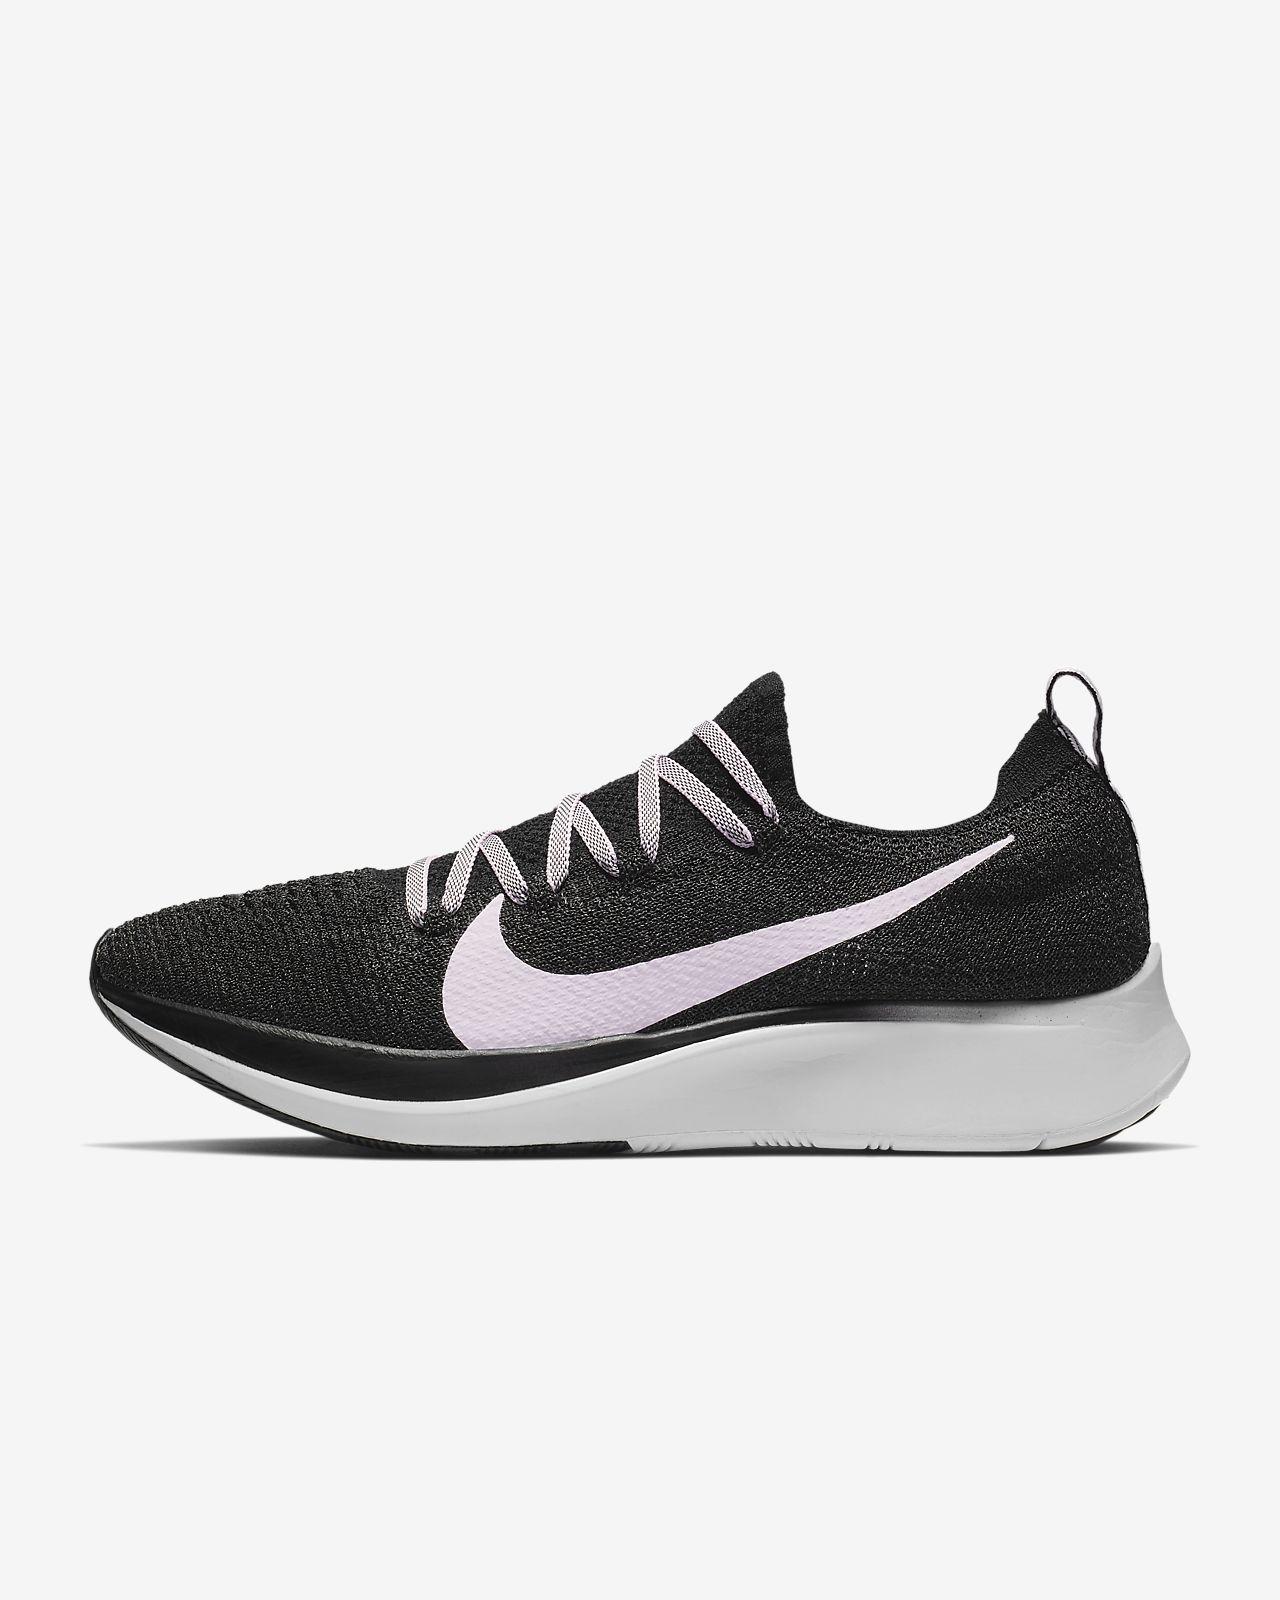 new styles 034f2 44cca Nike Zoom Fly Flyknit Hardloopschoen voor dames. Nike.com BE